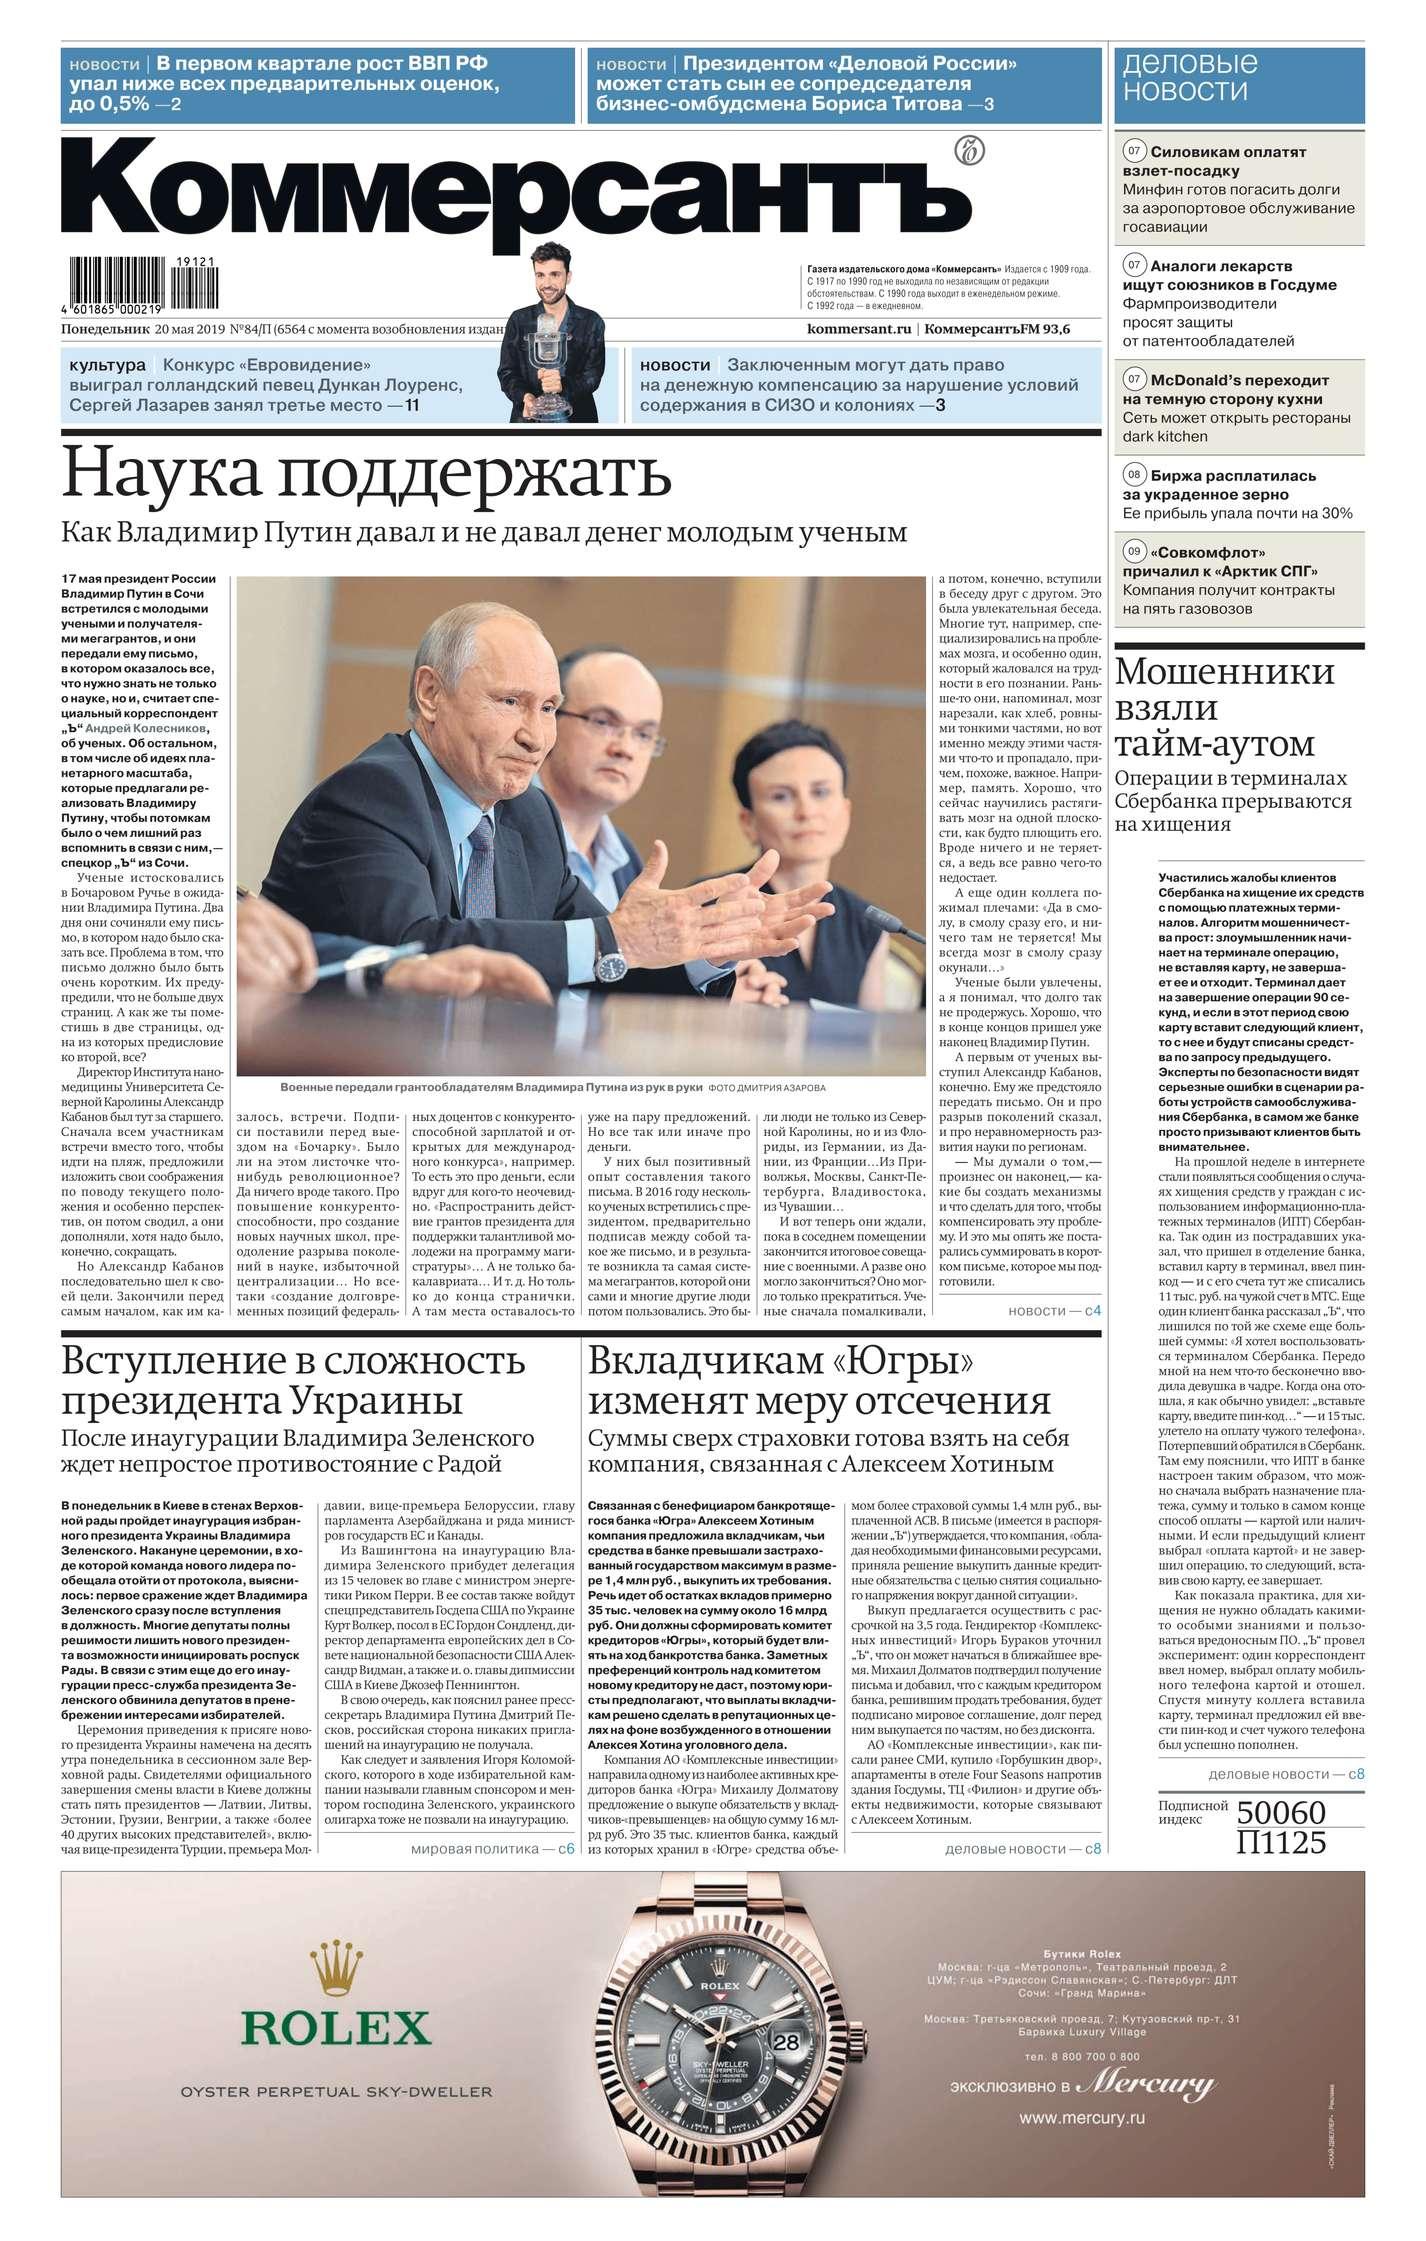 Редакция газеты Коммерсантъ (понедельник-пятница) Коммерсантъ (понедельник-пятница) 84п-2019 цена